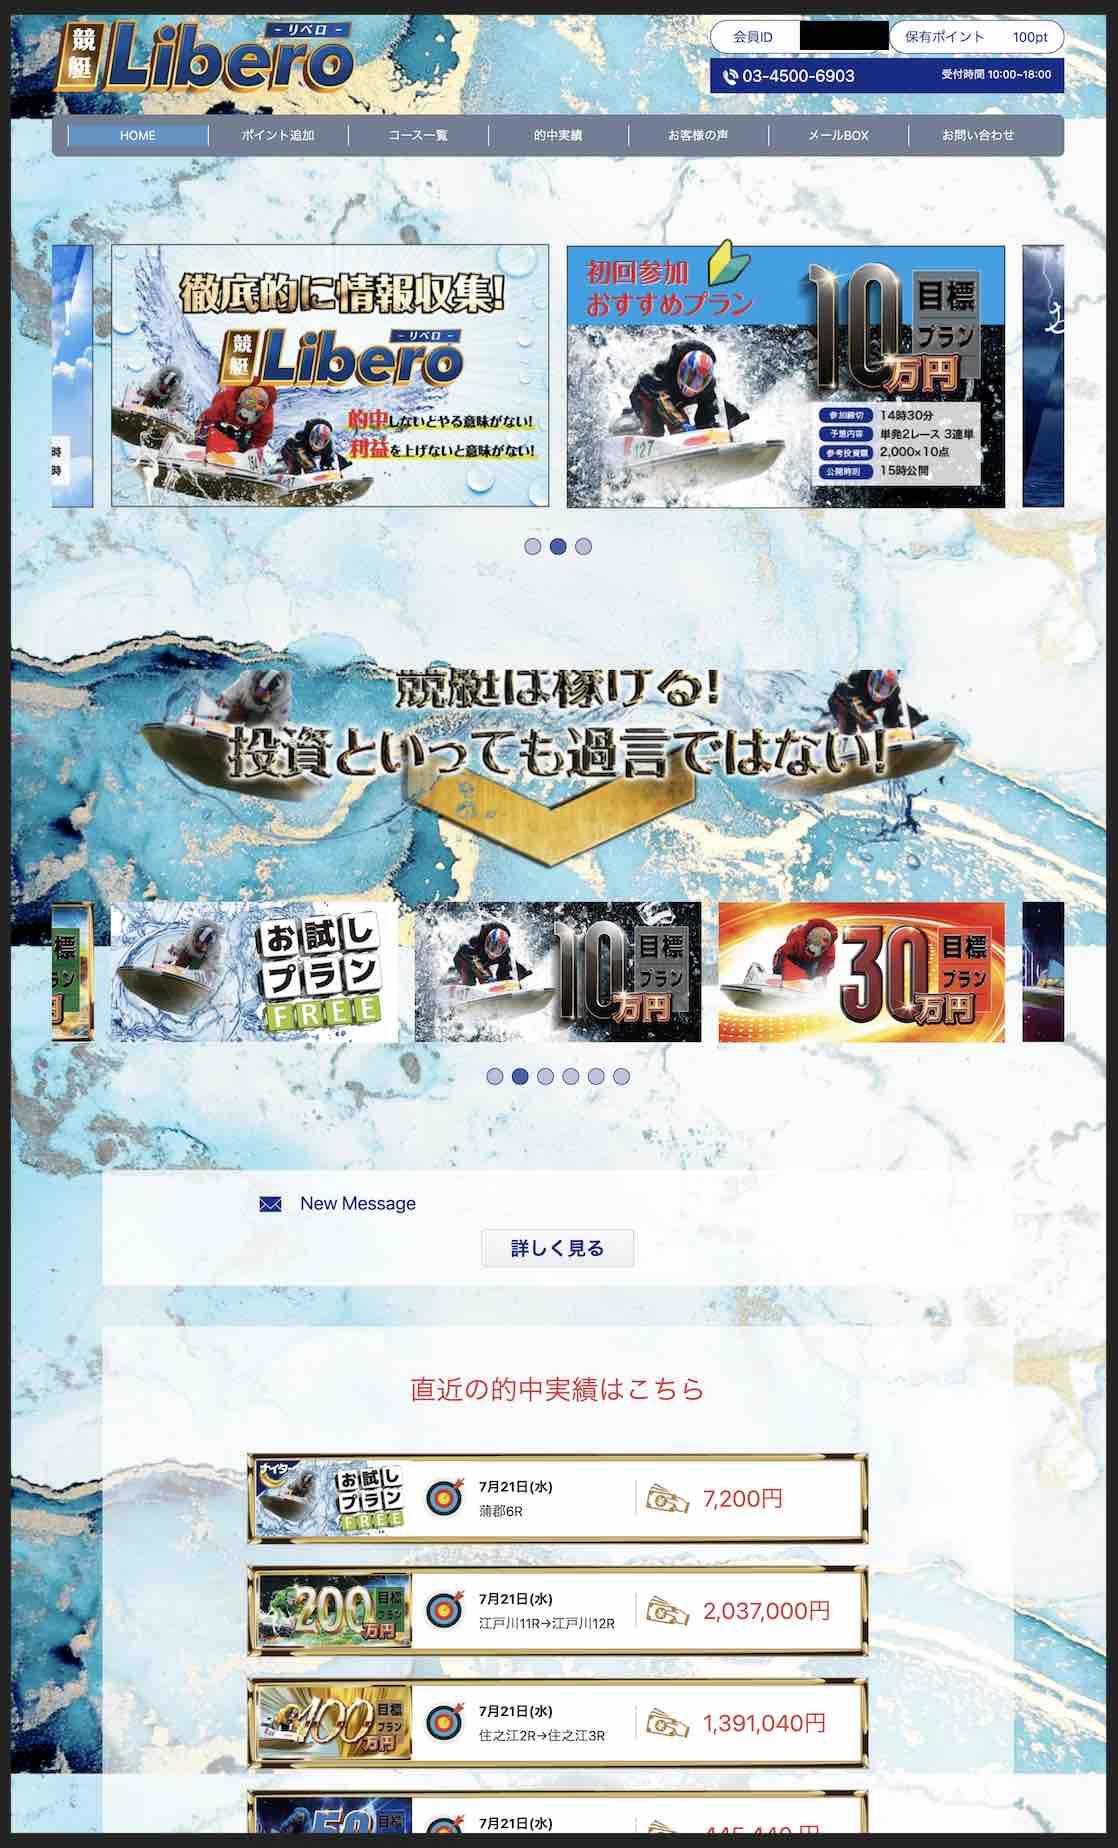 競艇リベロという競艇予想サイトの会員ページ